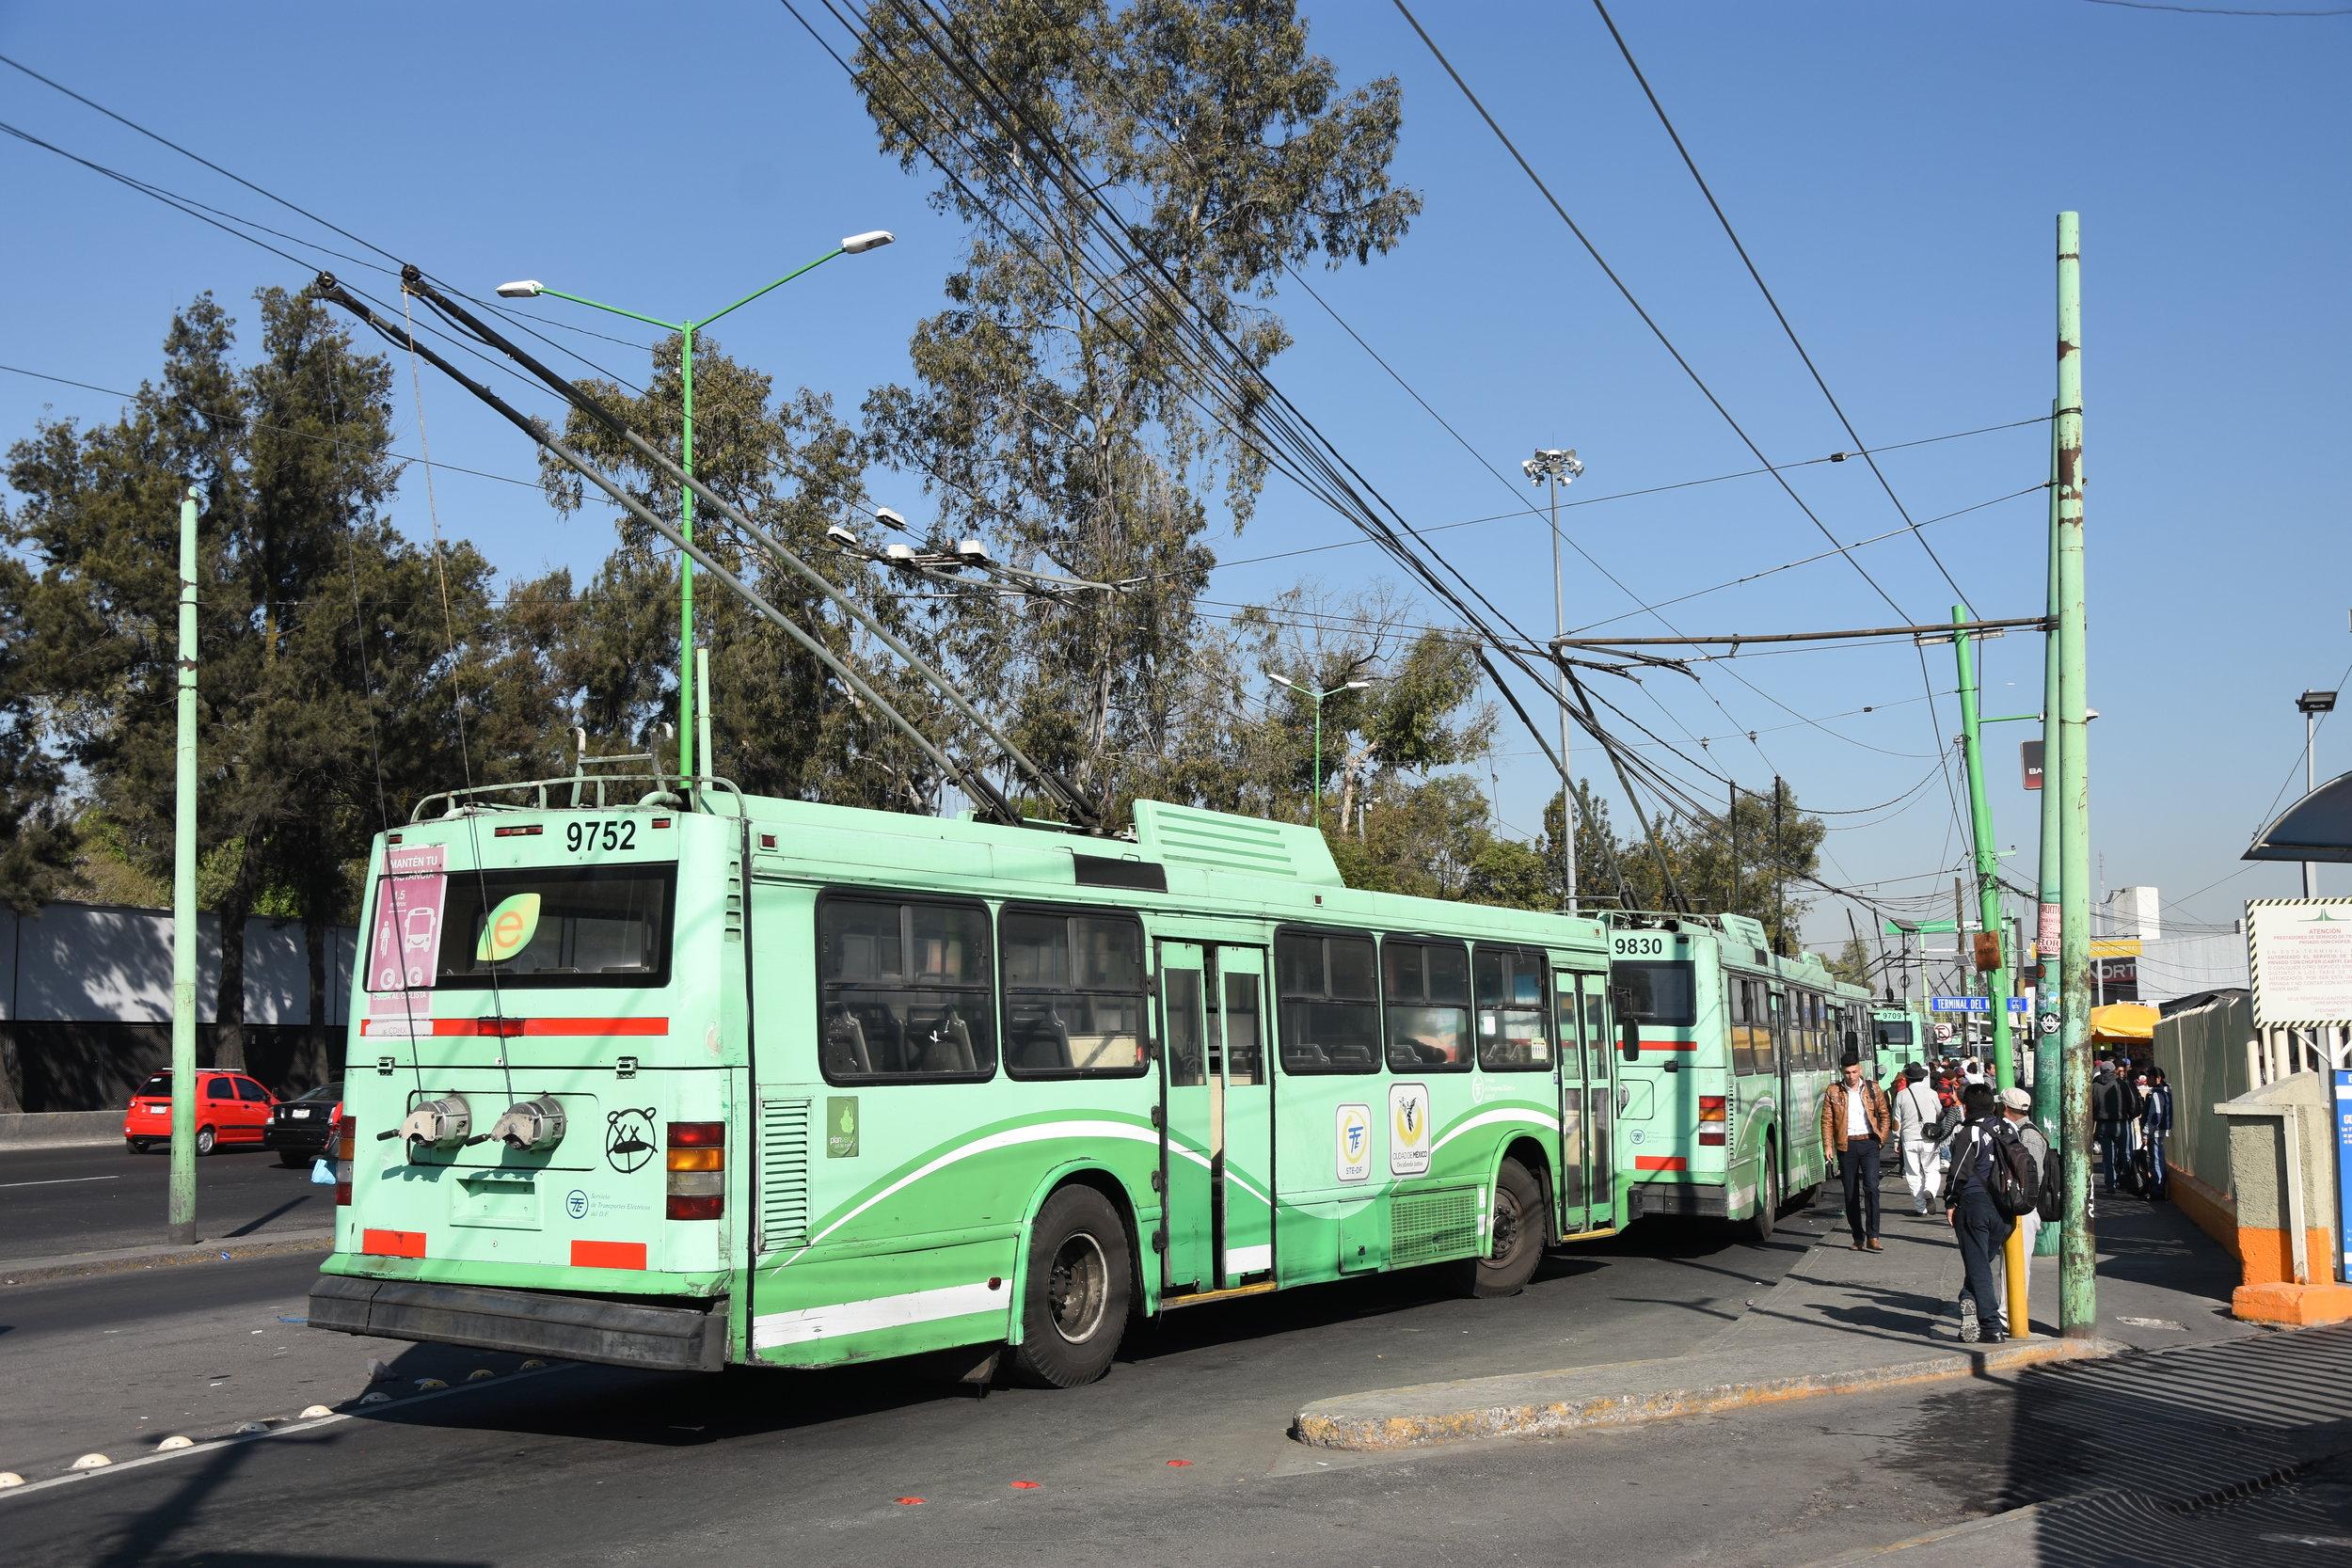 """Na lince A trolejbusy jednoznačně vládnou. Provozovány jsou v krátkých intervalech, takže není výjimkou potkat na konečných i 10 trolejbusů za sebou (na tomto snímku lze podle sběračů napočítat například 6 vozů, další dva pak stály za zády fotografa). Fotka pochází od autobusového terminálu na severu města, u toho jižního se nachází smyčka s dlouhodobě nedostatečnou kapacitou, takže trolejbusy snažící se """"vecpat"""" do smyčky dokonce blokují provoz automobilů. (foto: Libor Hinčica)"""